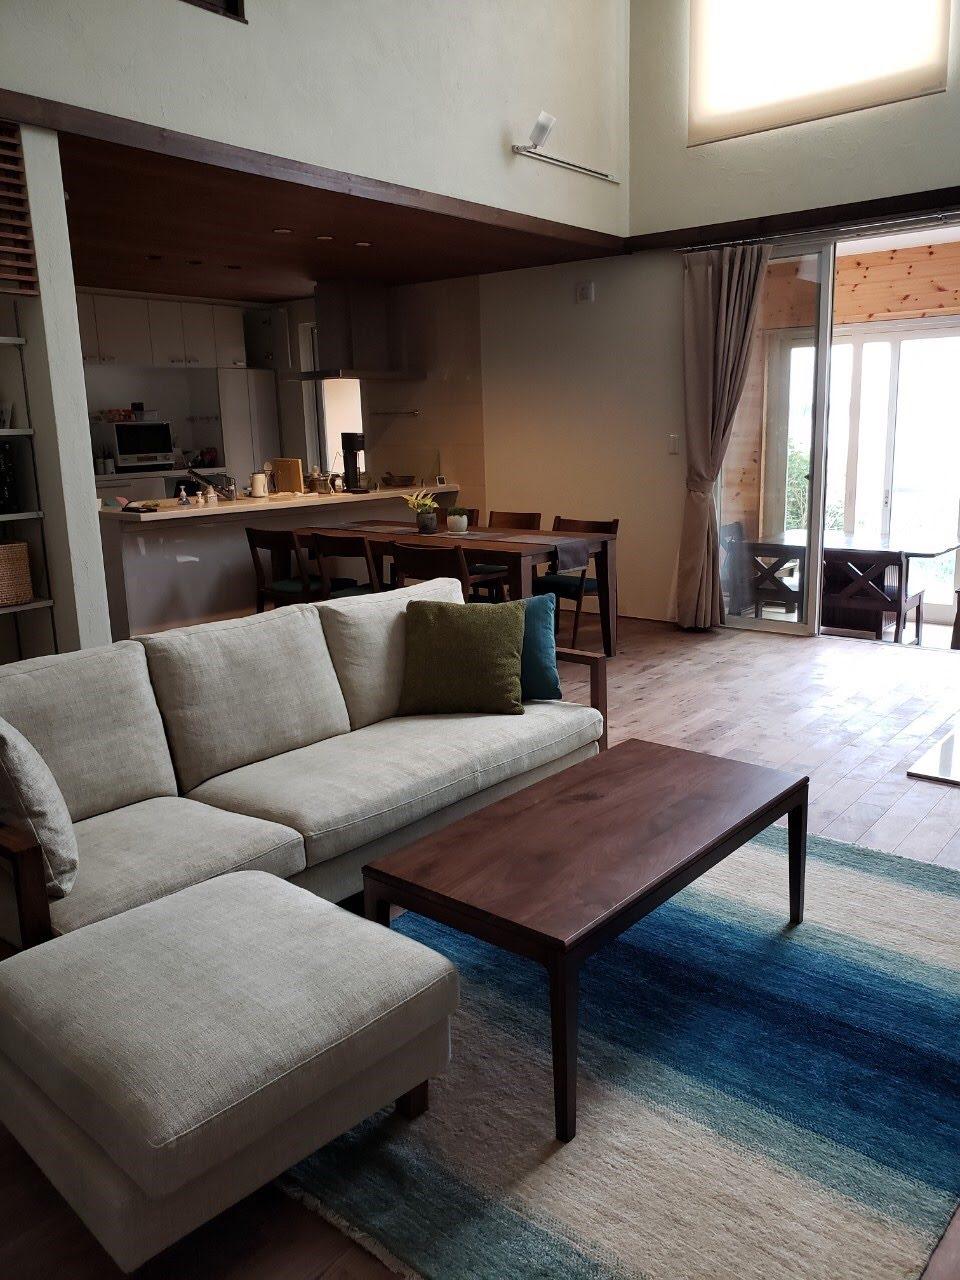 新潟市へソファとリビングテーブル、ハグみじゅうたんをお届けしてきました